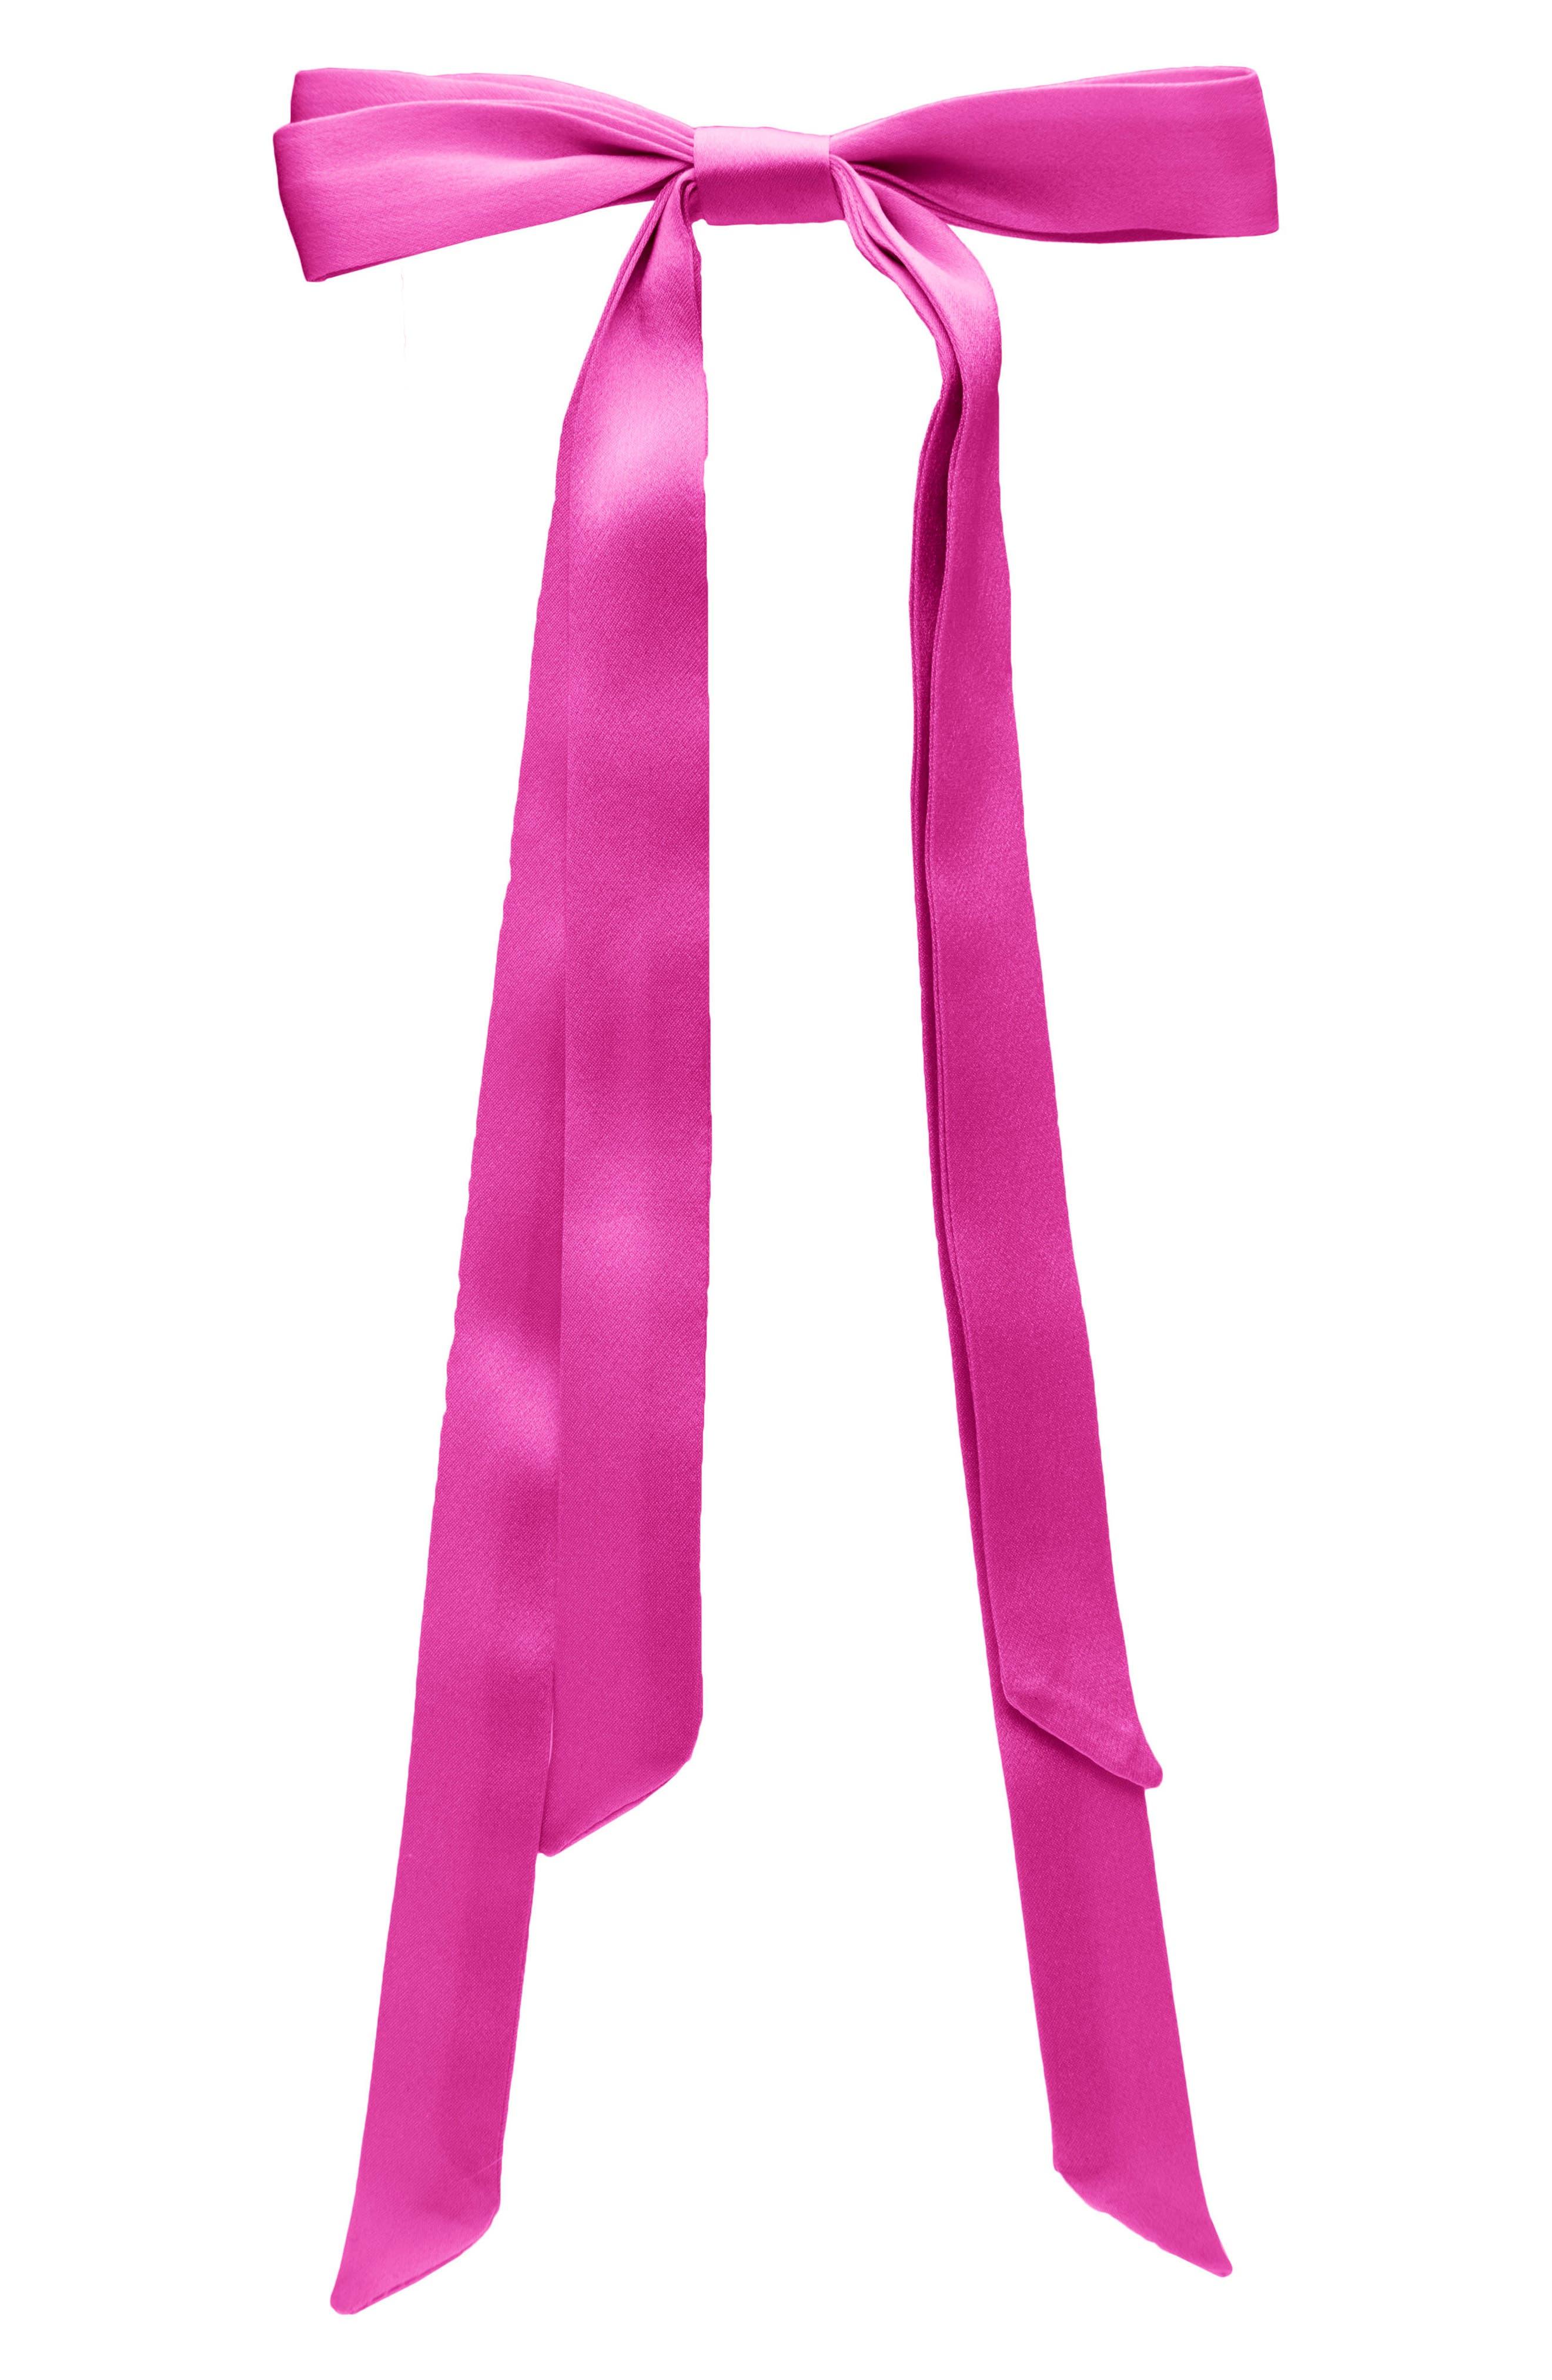 Main Image - L. Erickson Long Tail Ribbon Barrette